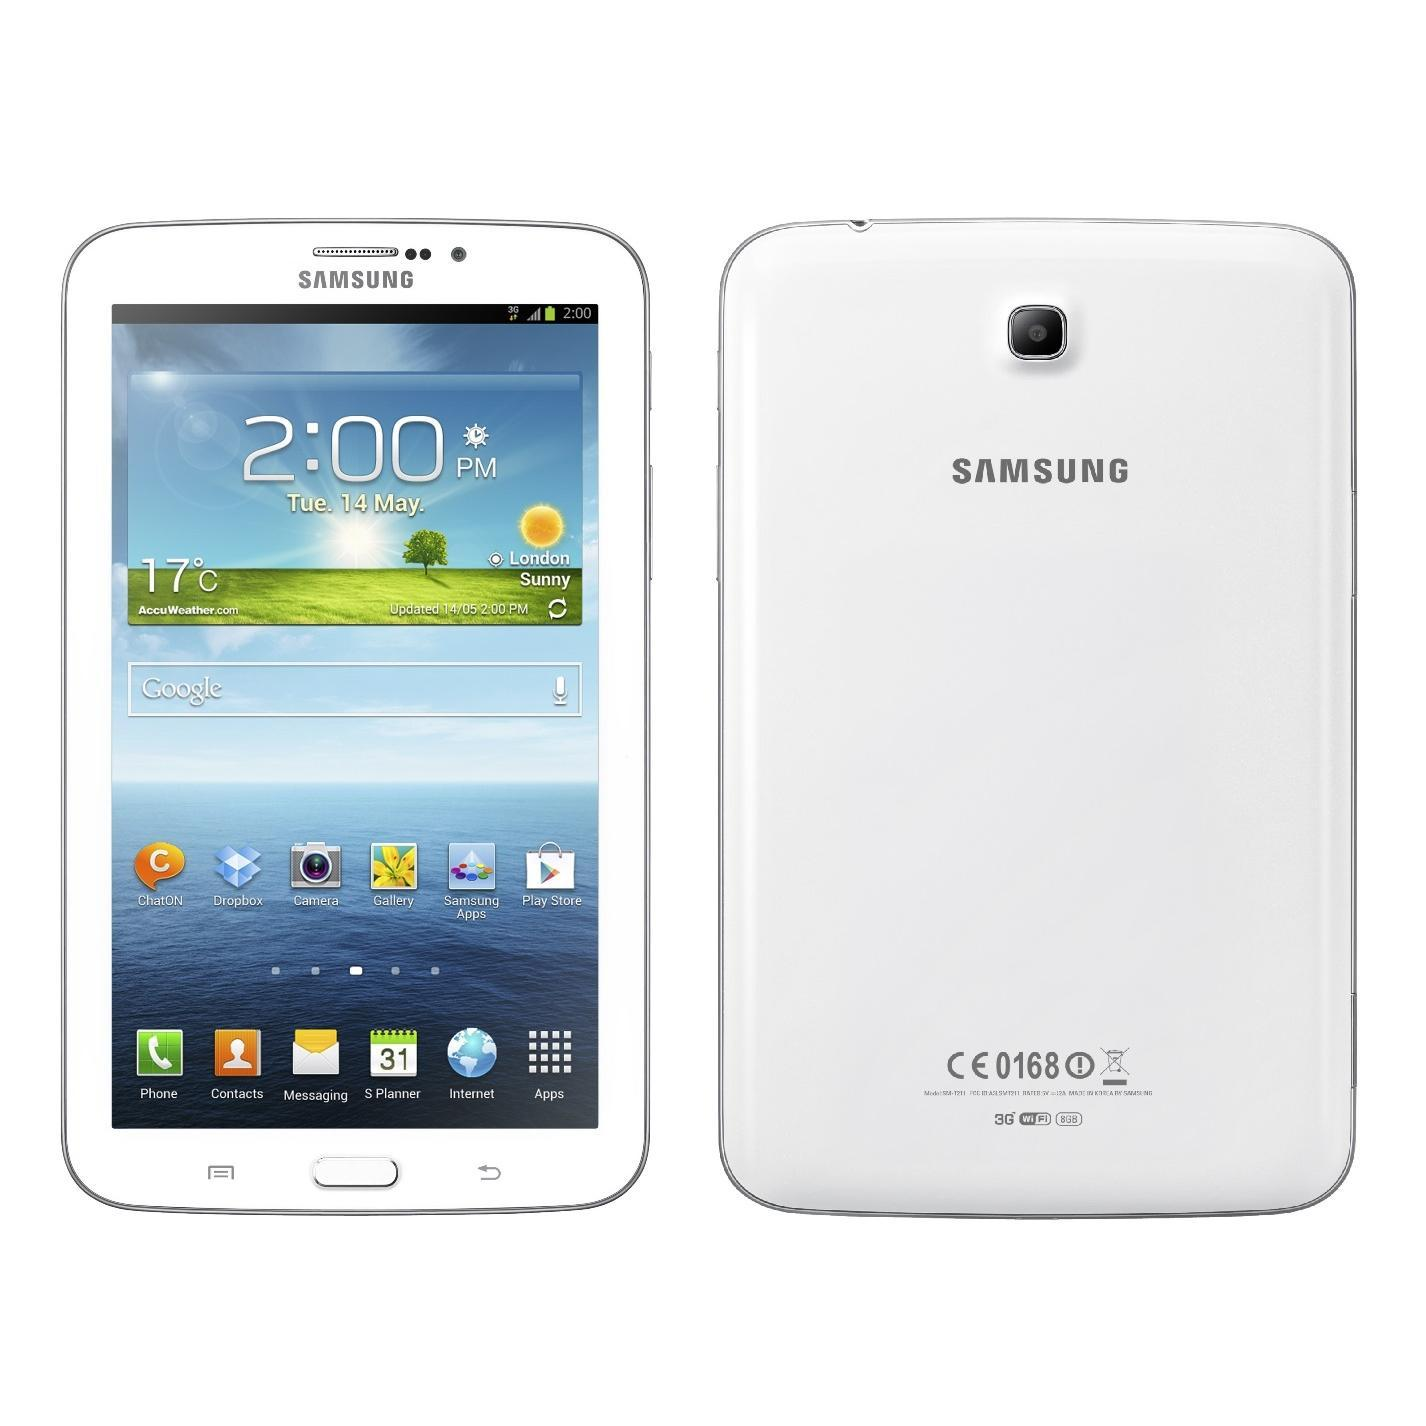 Samsung galaxy tab 3 7 8 go wifi blanc reconditionn back market - Samsung galaxy tab 3 7 8go lite blanc ...